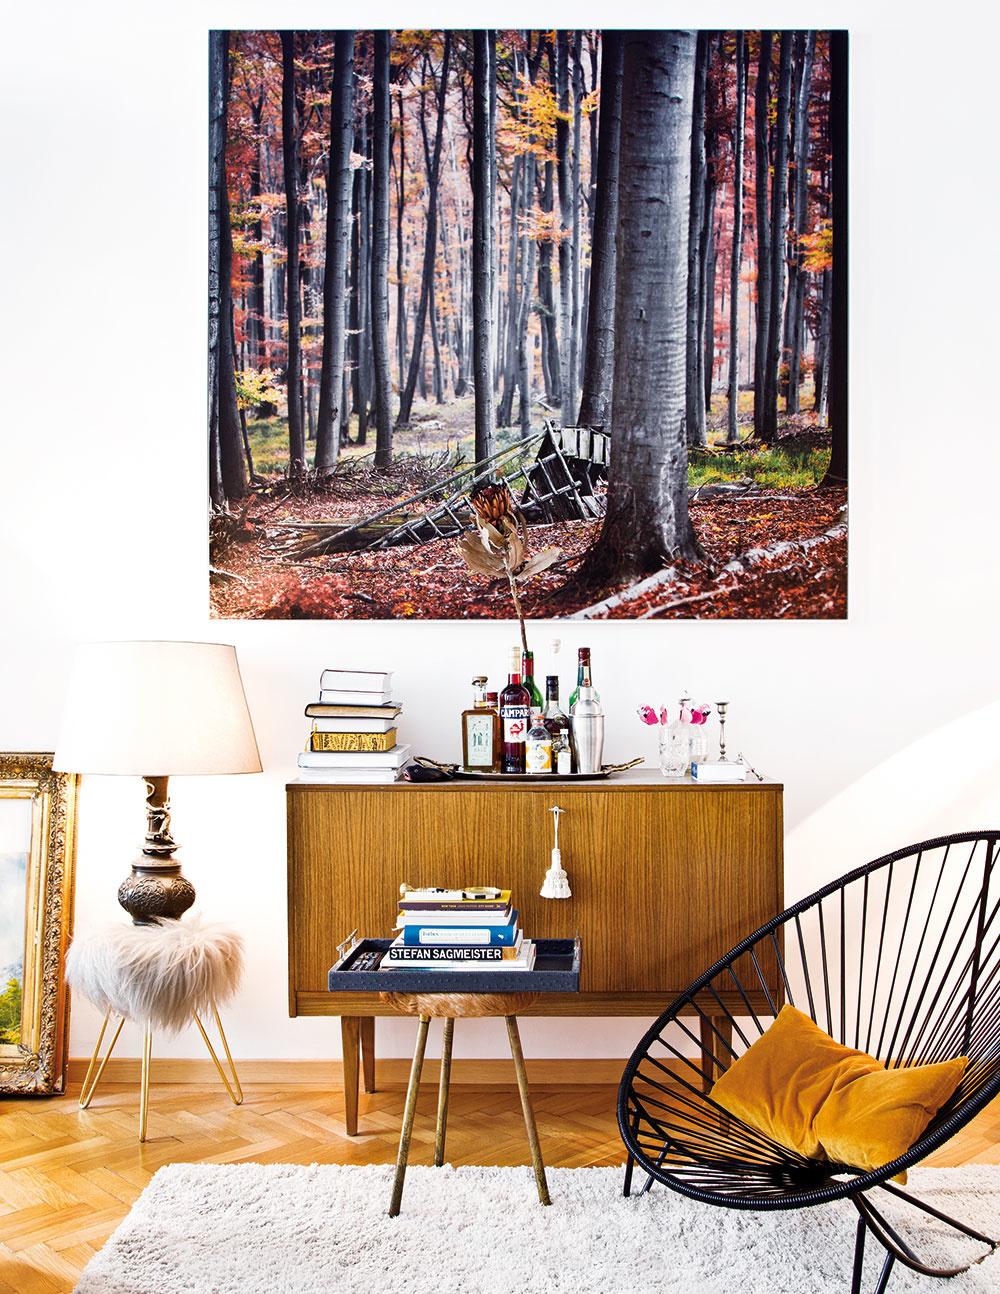 Byt našiel útočisko pre mnohé doplnky z rôznych štýlov. Okrem starožitností tu objavíte aj viaceré dizajnové kúsky, ktoré sa vzájomne skvelo dopĺňajú. Veľkoformátová fotografia lesa zasa prináša akýsi pokoj do tohto víru divokých dekorácií.